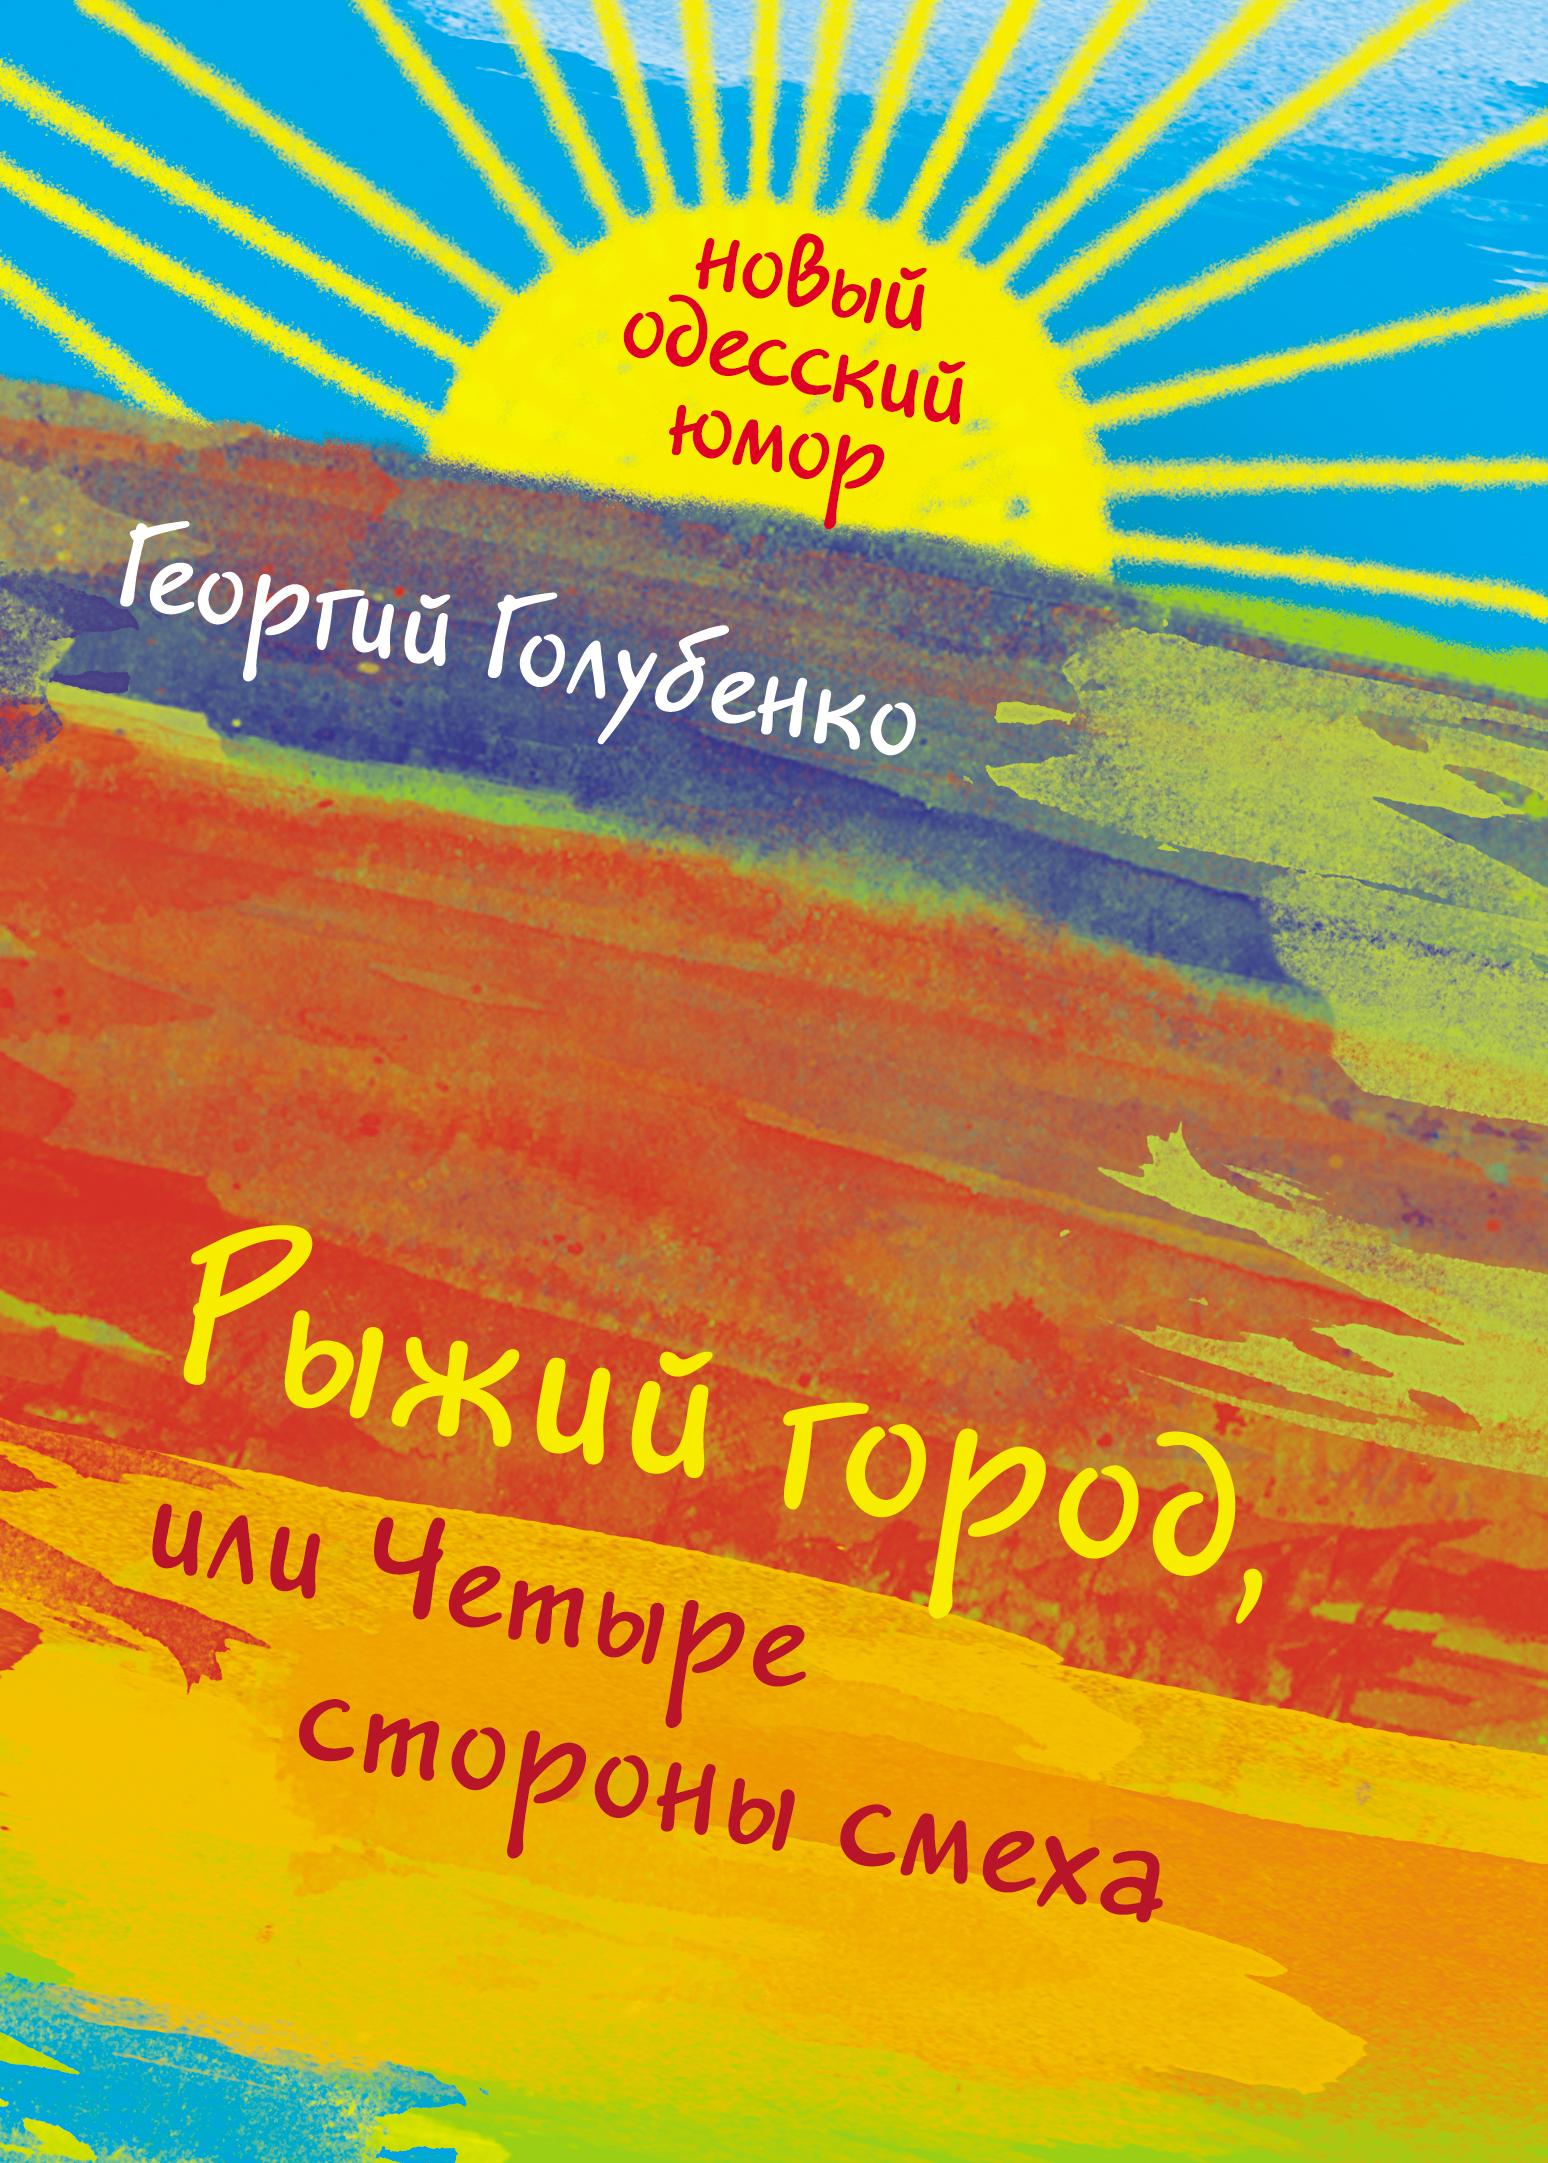 Георгий Голубенко Рыжий город, или Четыре стороны смеха (сборник)